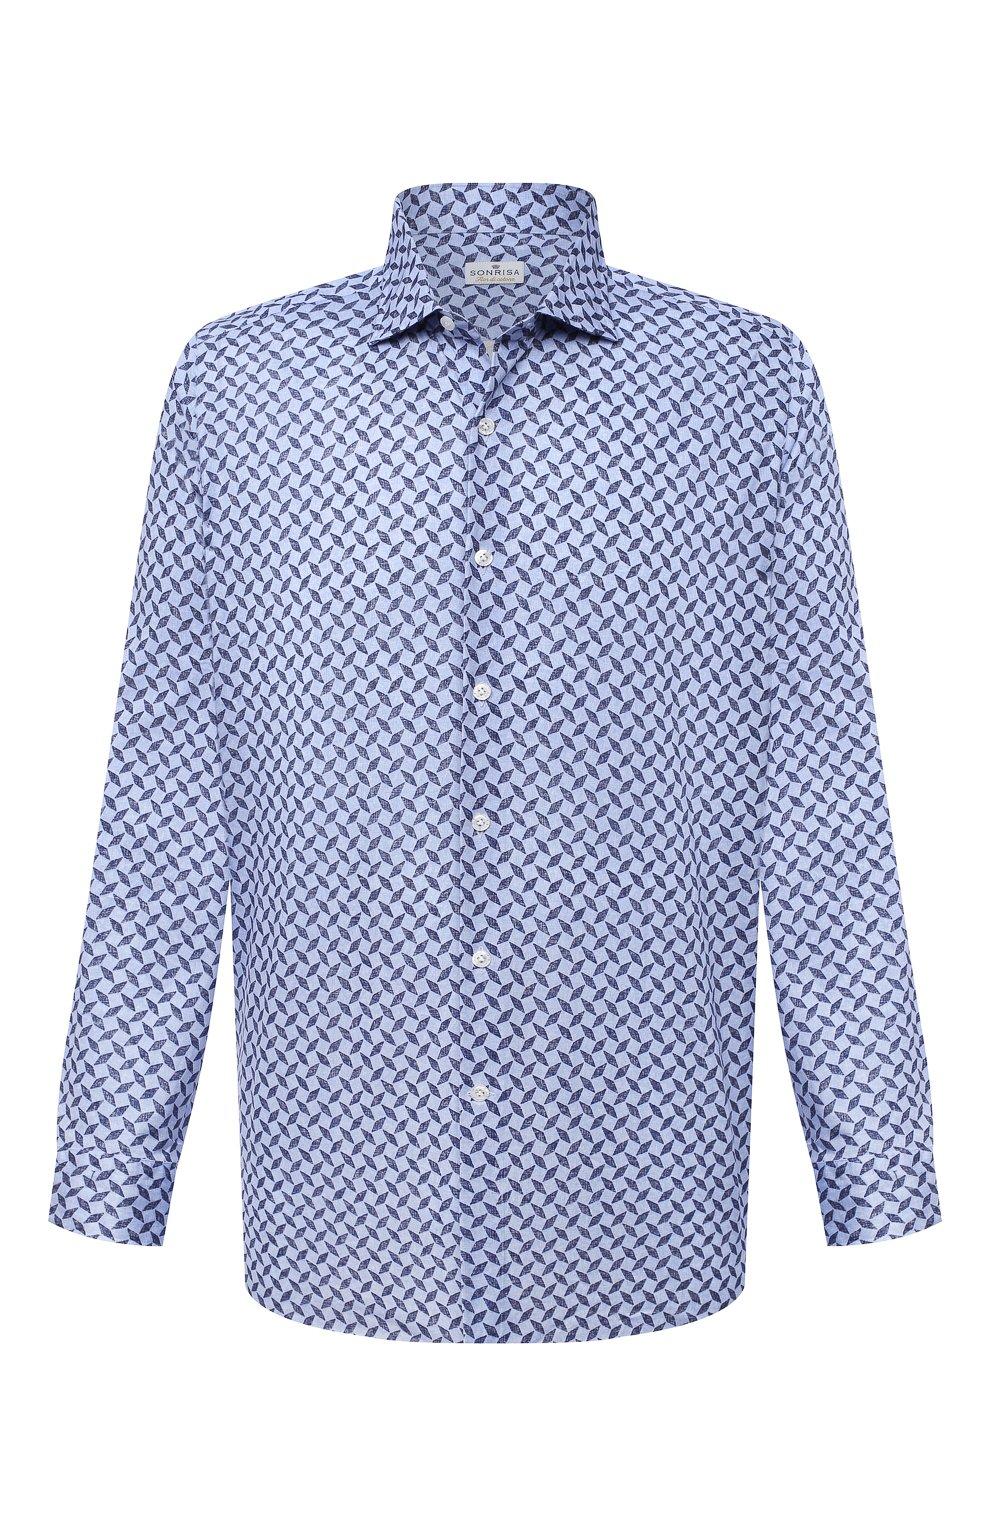 Мужская хлопковая рубашка SONRISA синего цвета, арт. IFJ15/J813/47-51 | Фото 1